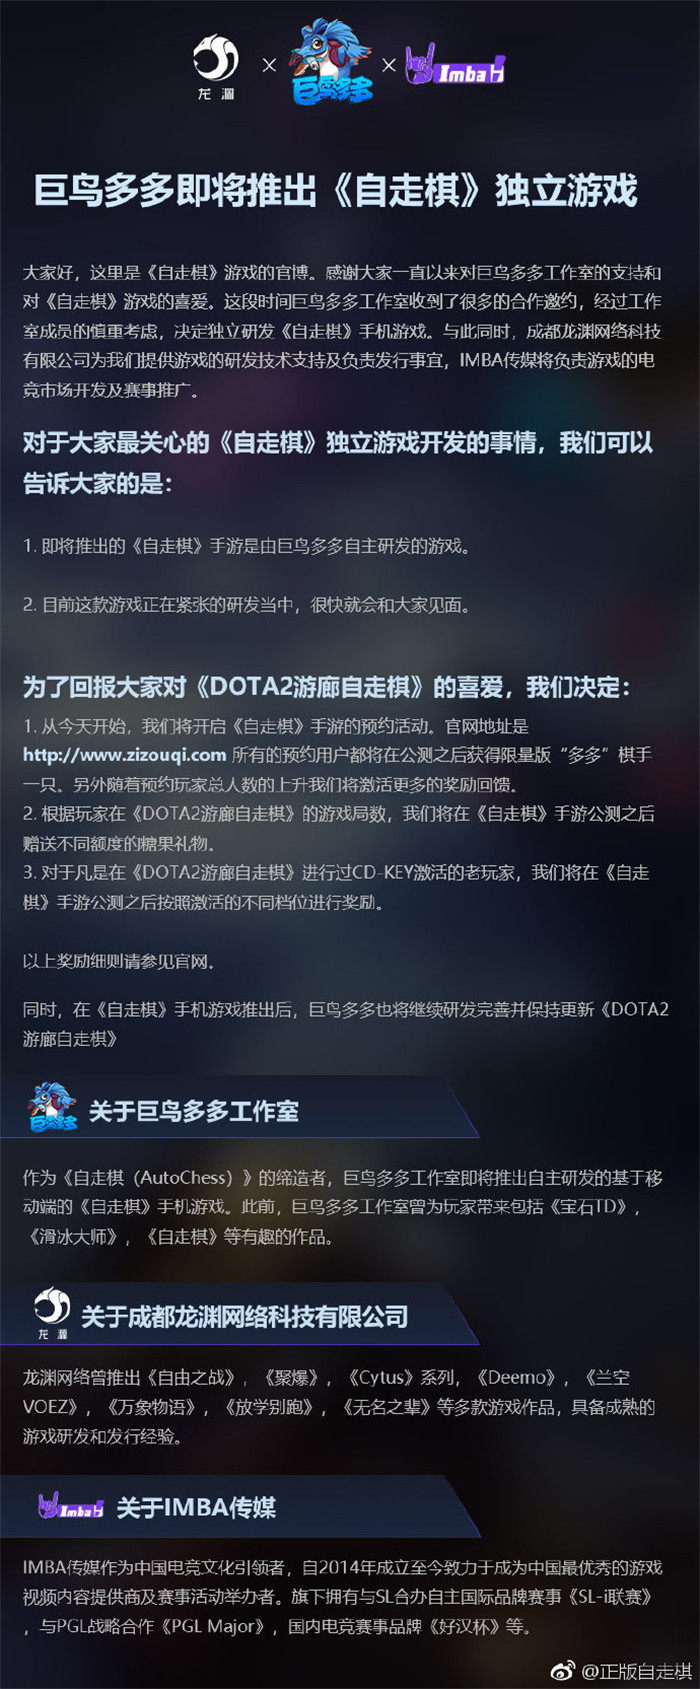 终于来啦!自走棋官方正式宣布手游正在开发中